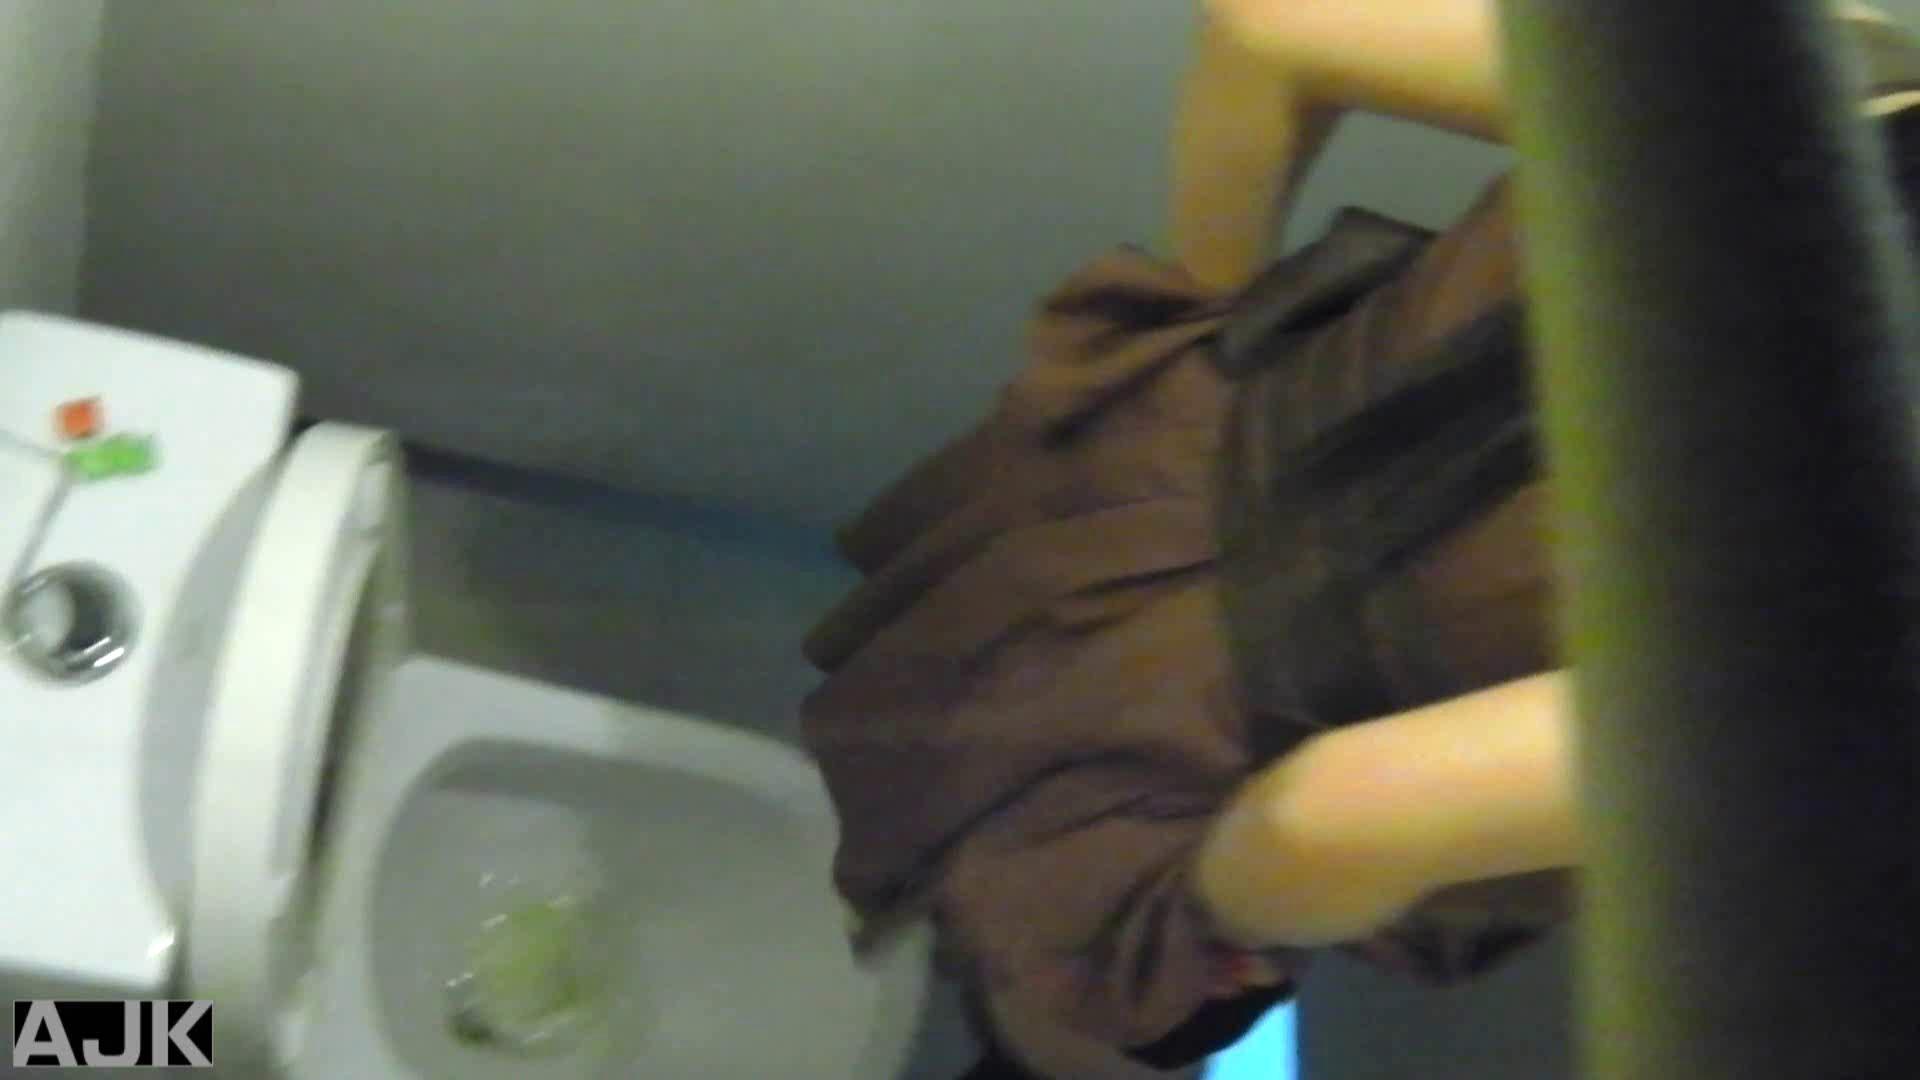 隣国上階級エリアの令嬢たちが集うデパートお手洗い Vol.13 お手洗い  99PIX 20